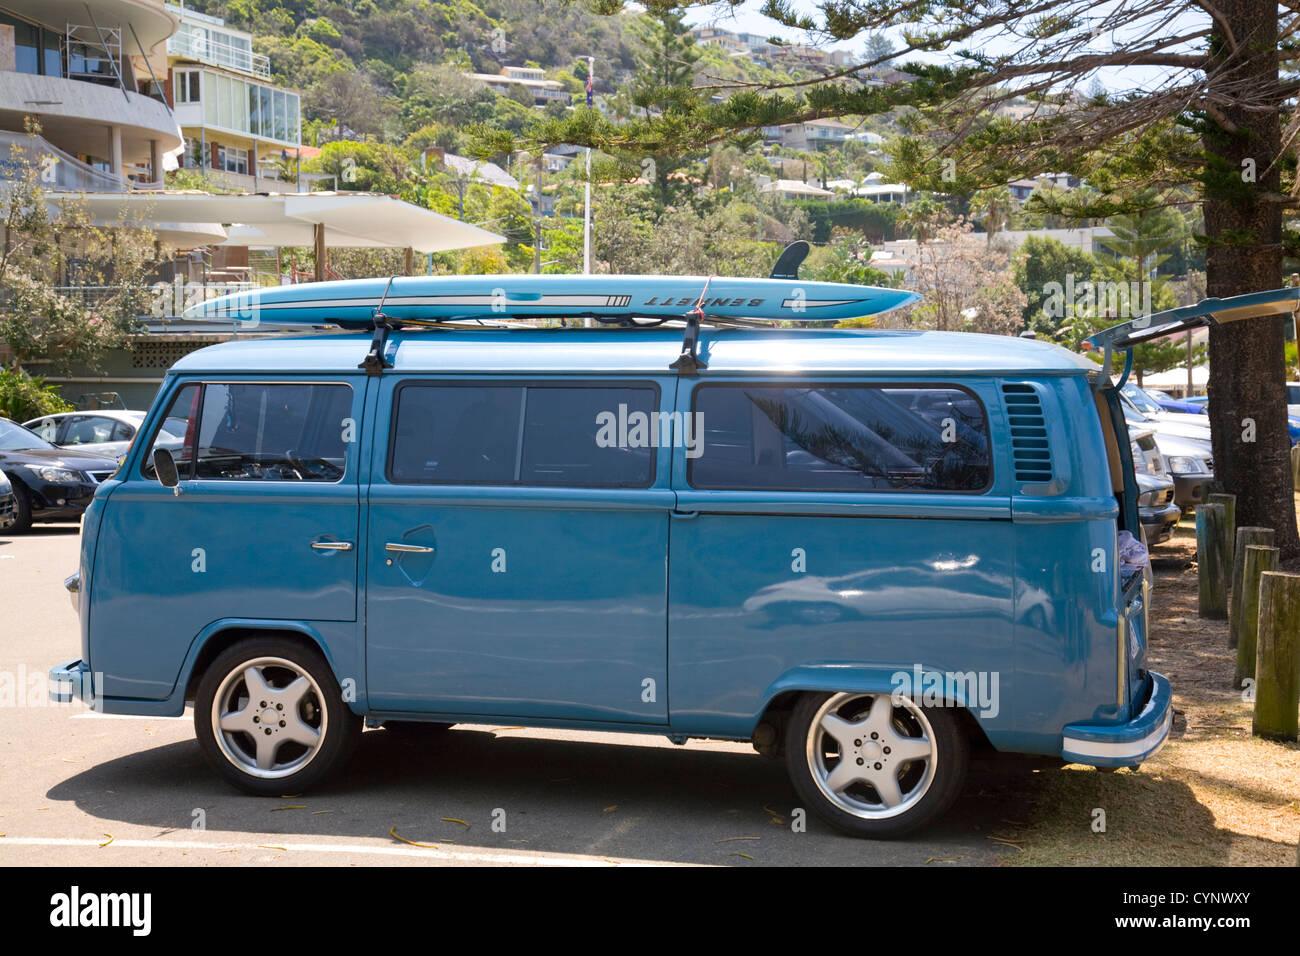 Volkswagen Combi Stock Photos & Volkswagen Combi Stock Images - Alamy